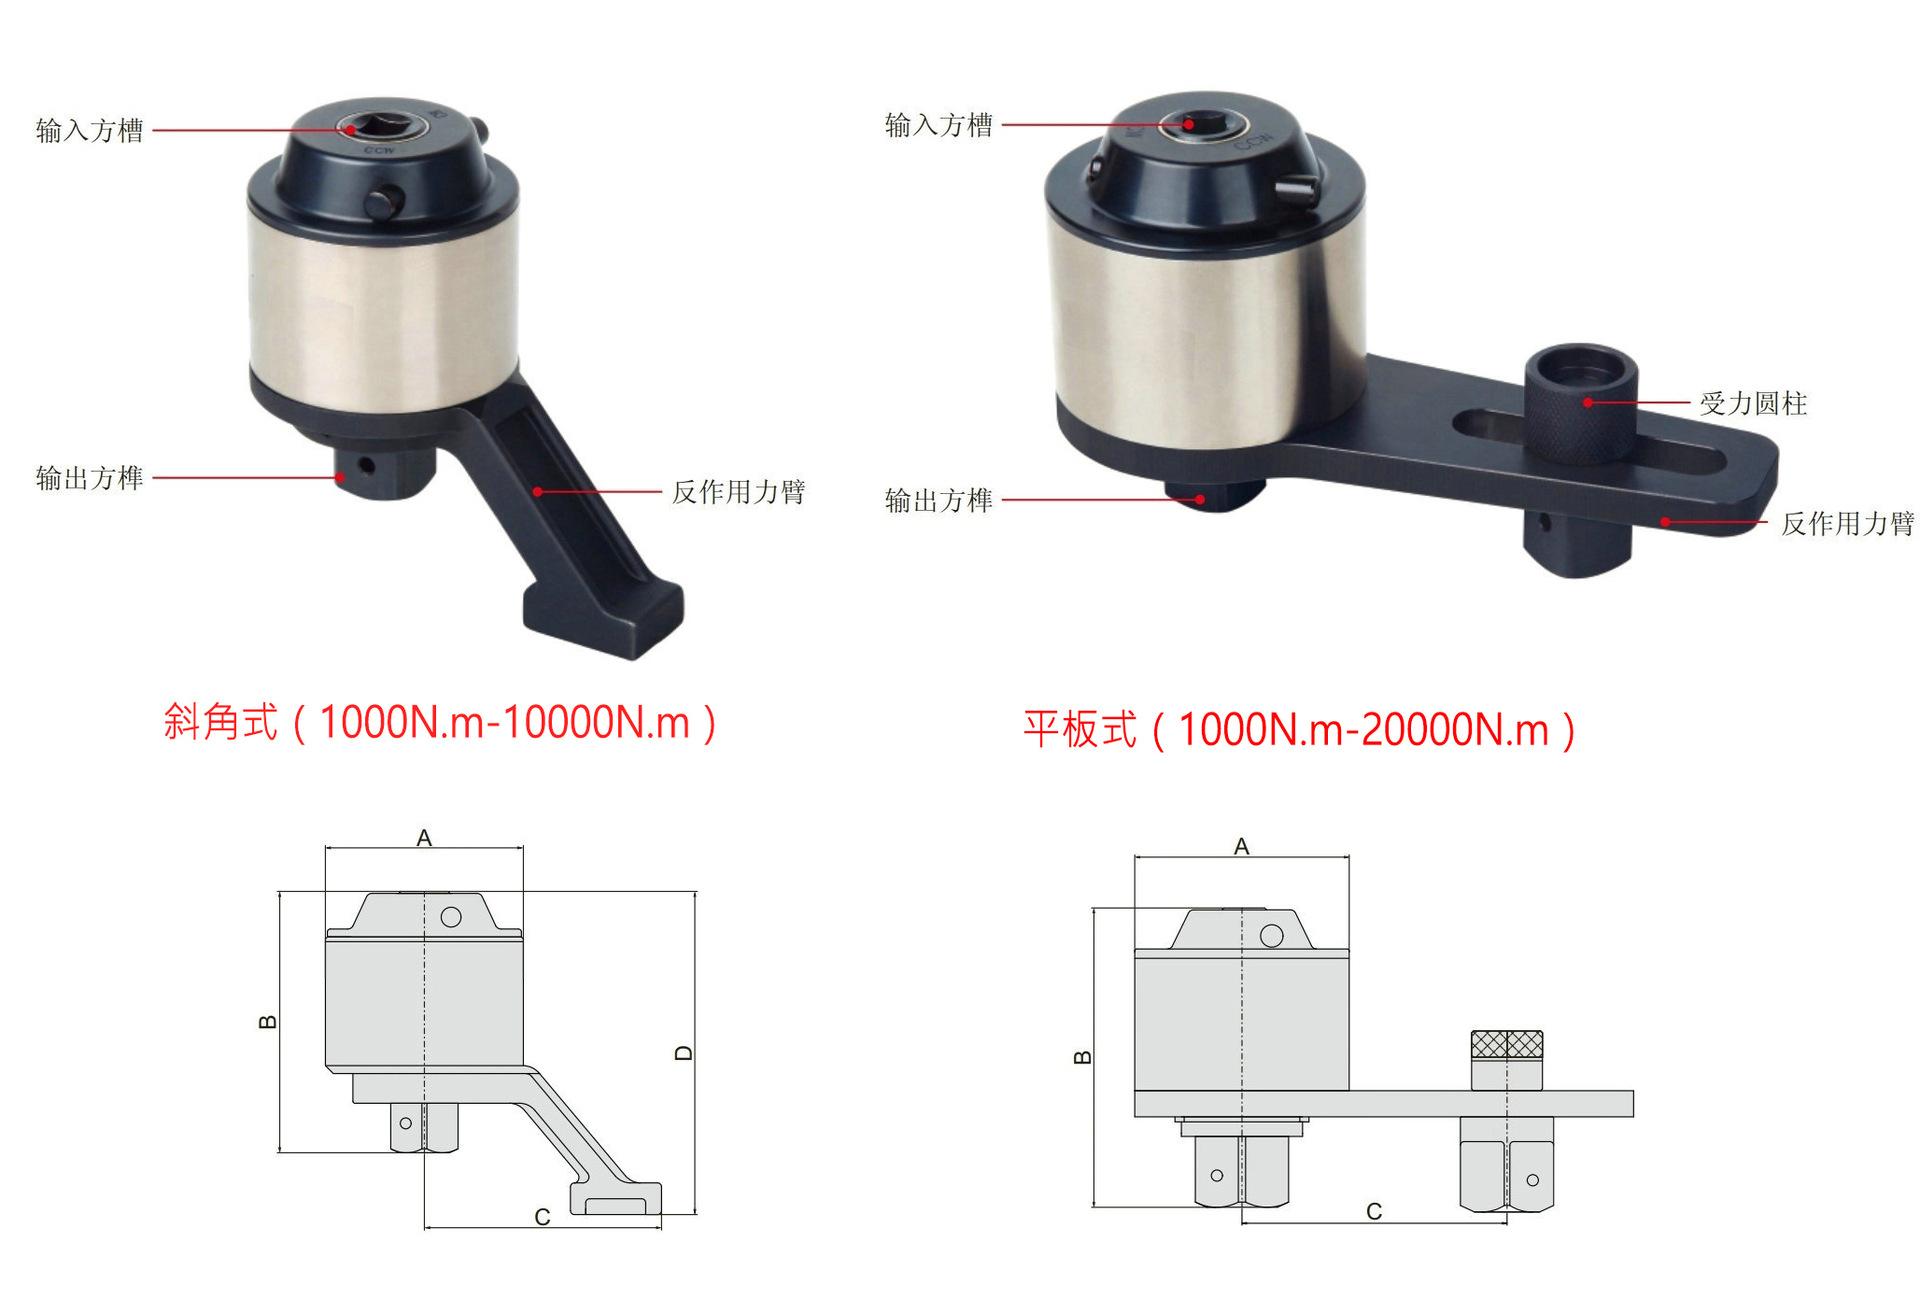 工业级扭矩倍增器 扭力倍增器 MDNF-20 2000N.m 扭矩比13倍示例图3